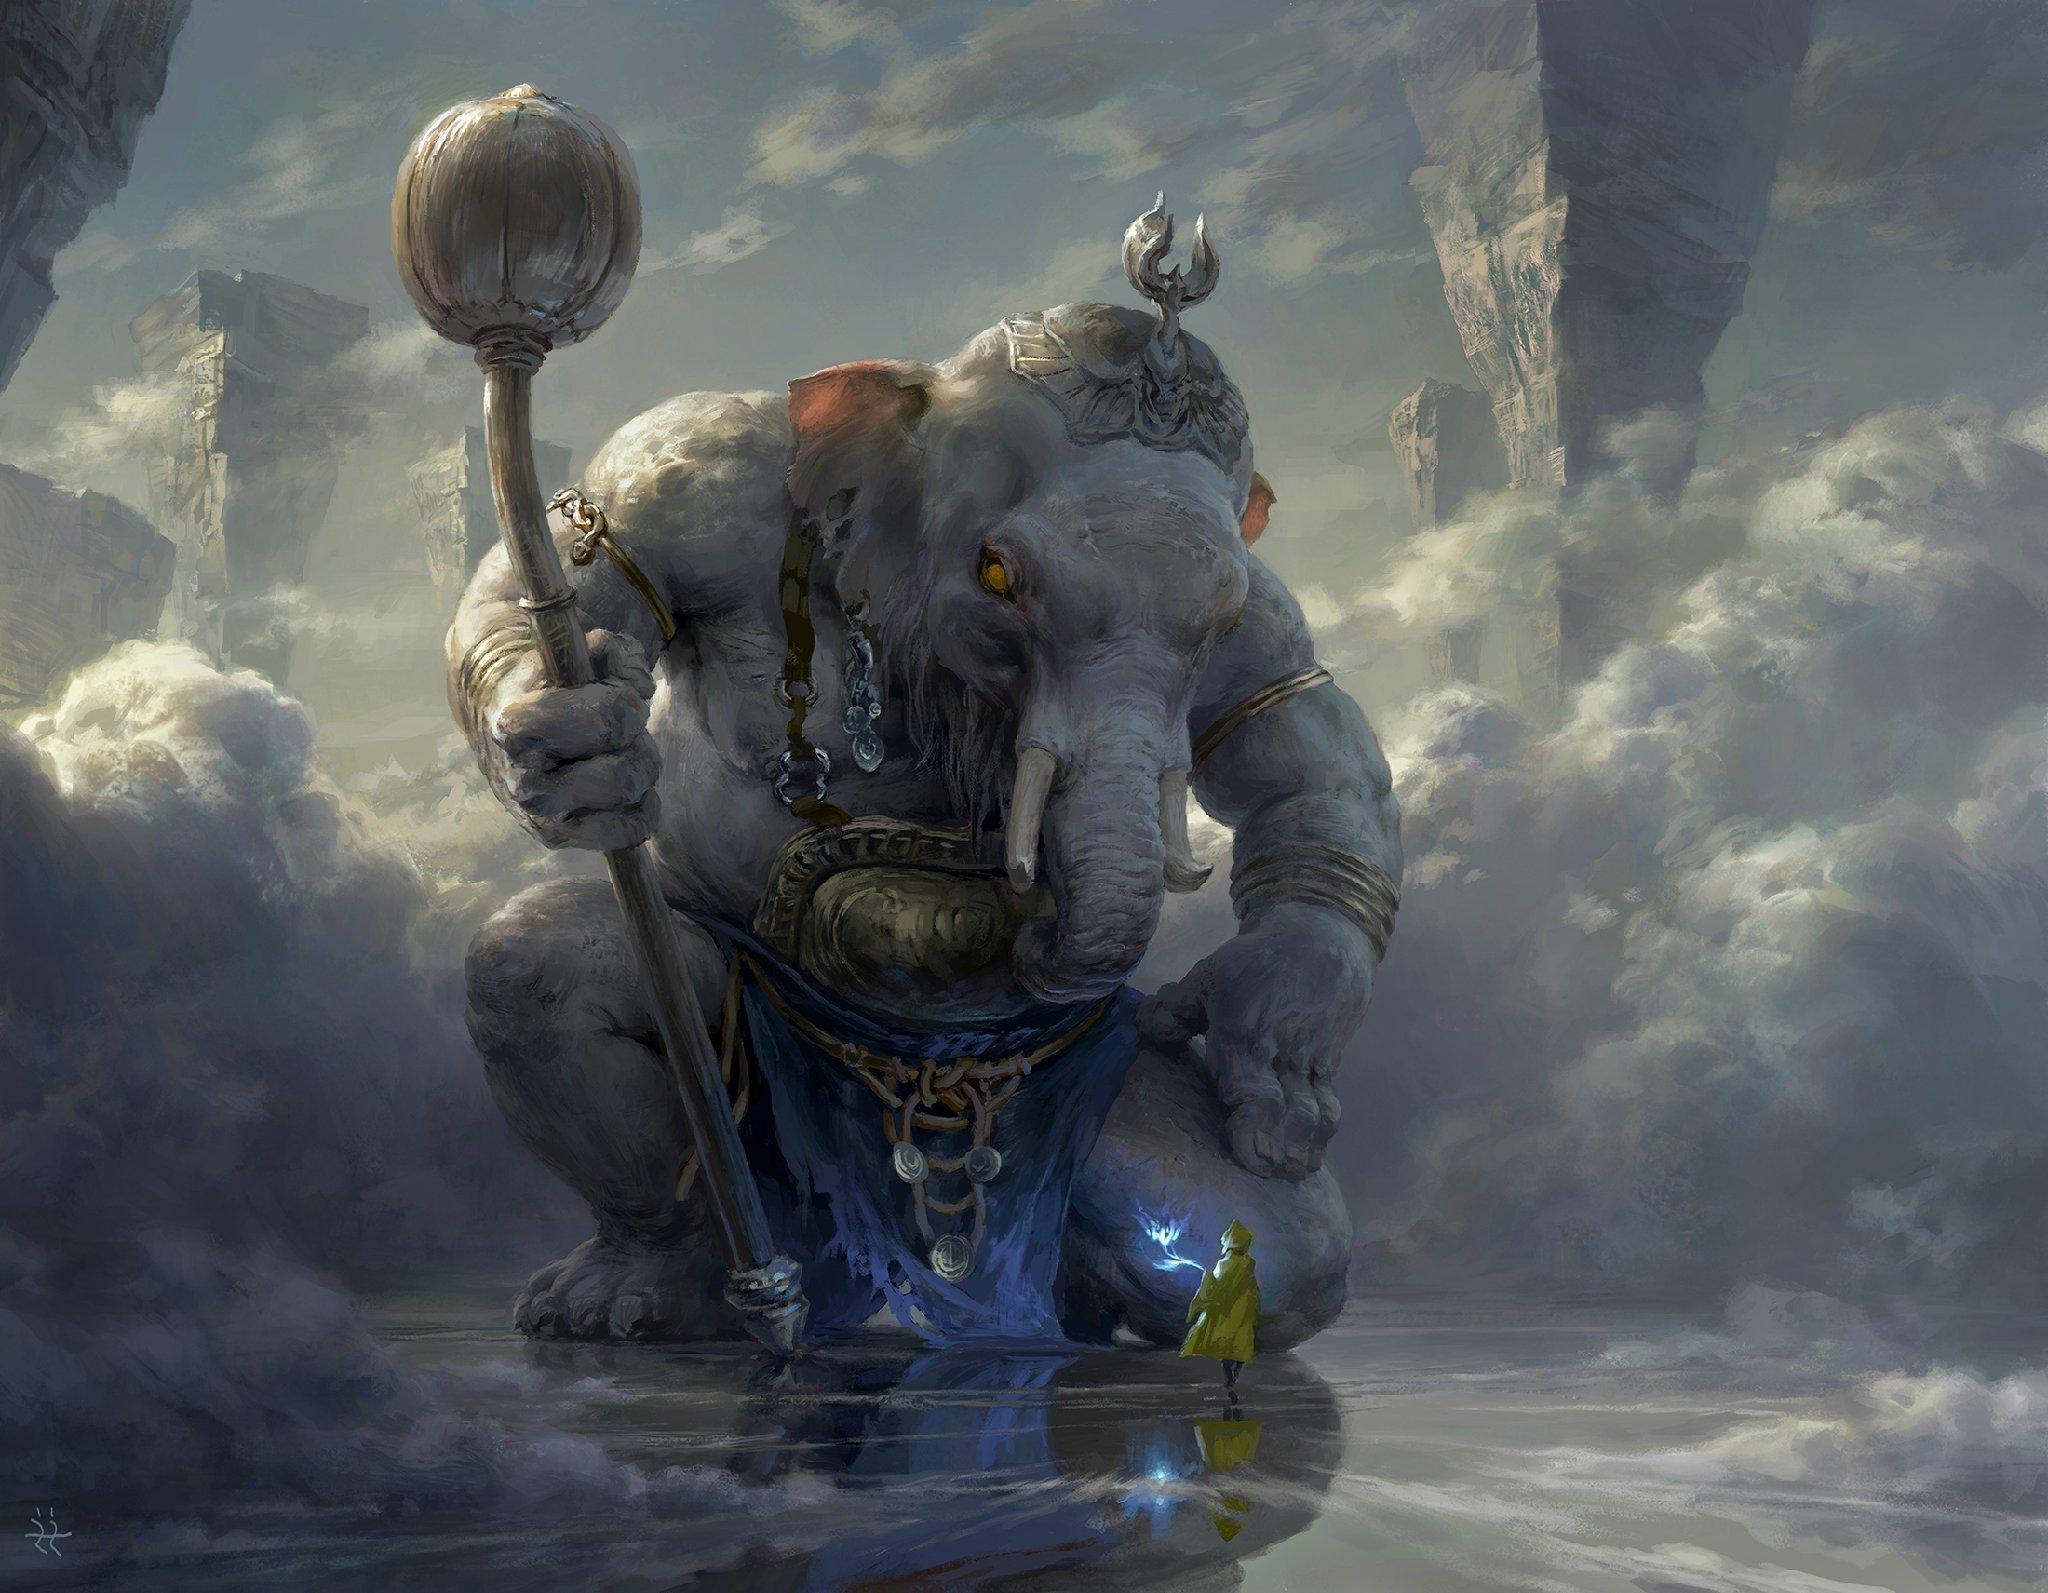 Ilustraciones sueltas chulas encontradas por el internete - Página 2 Puxian_and_the_white_elephant_by_flowerzzxu-d98gubo